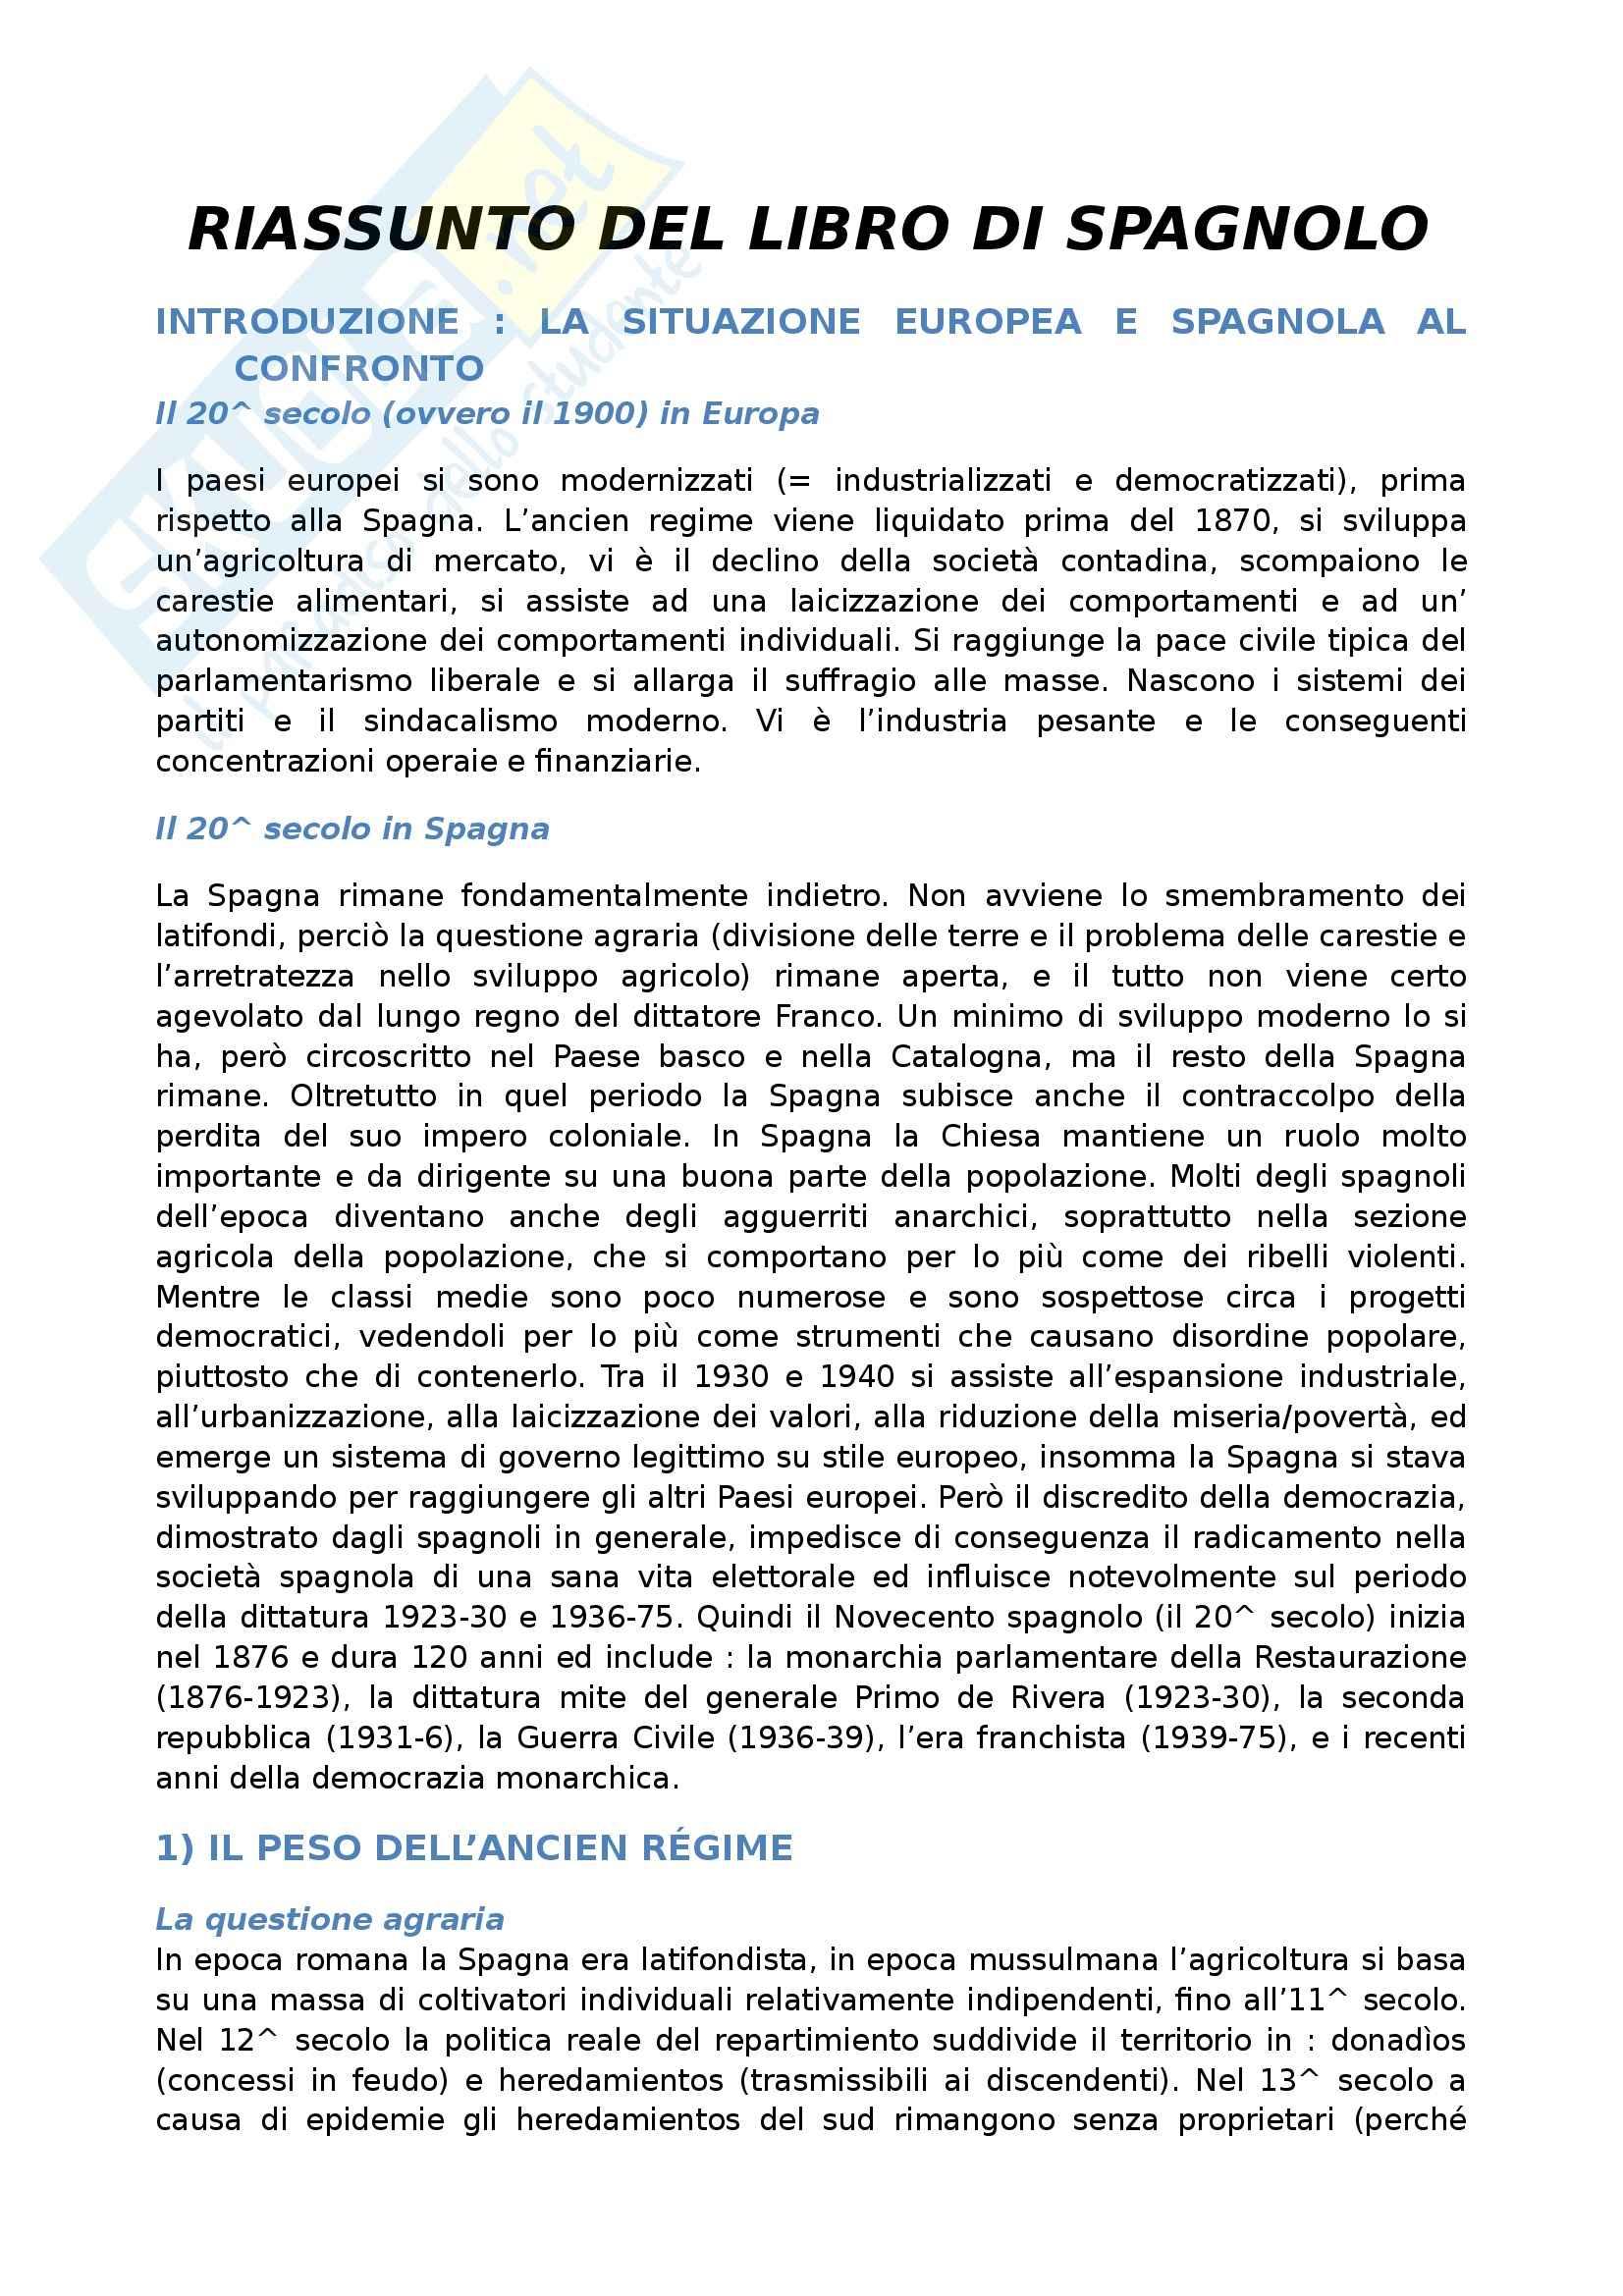 La storia della spagna democratica - Riassunto esame, prof. Gonzàles